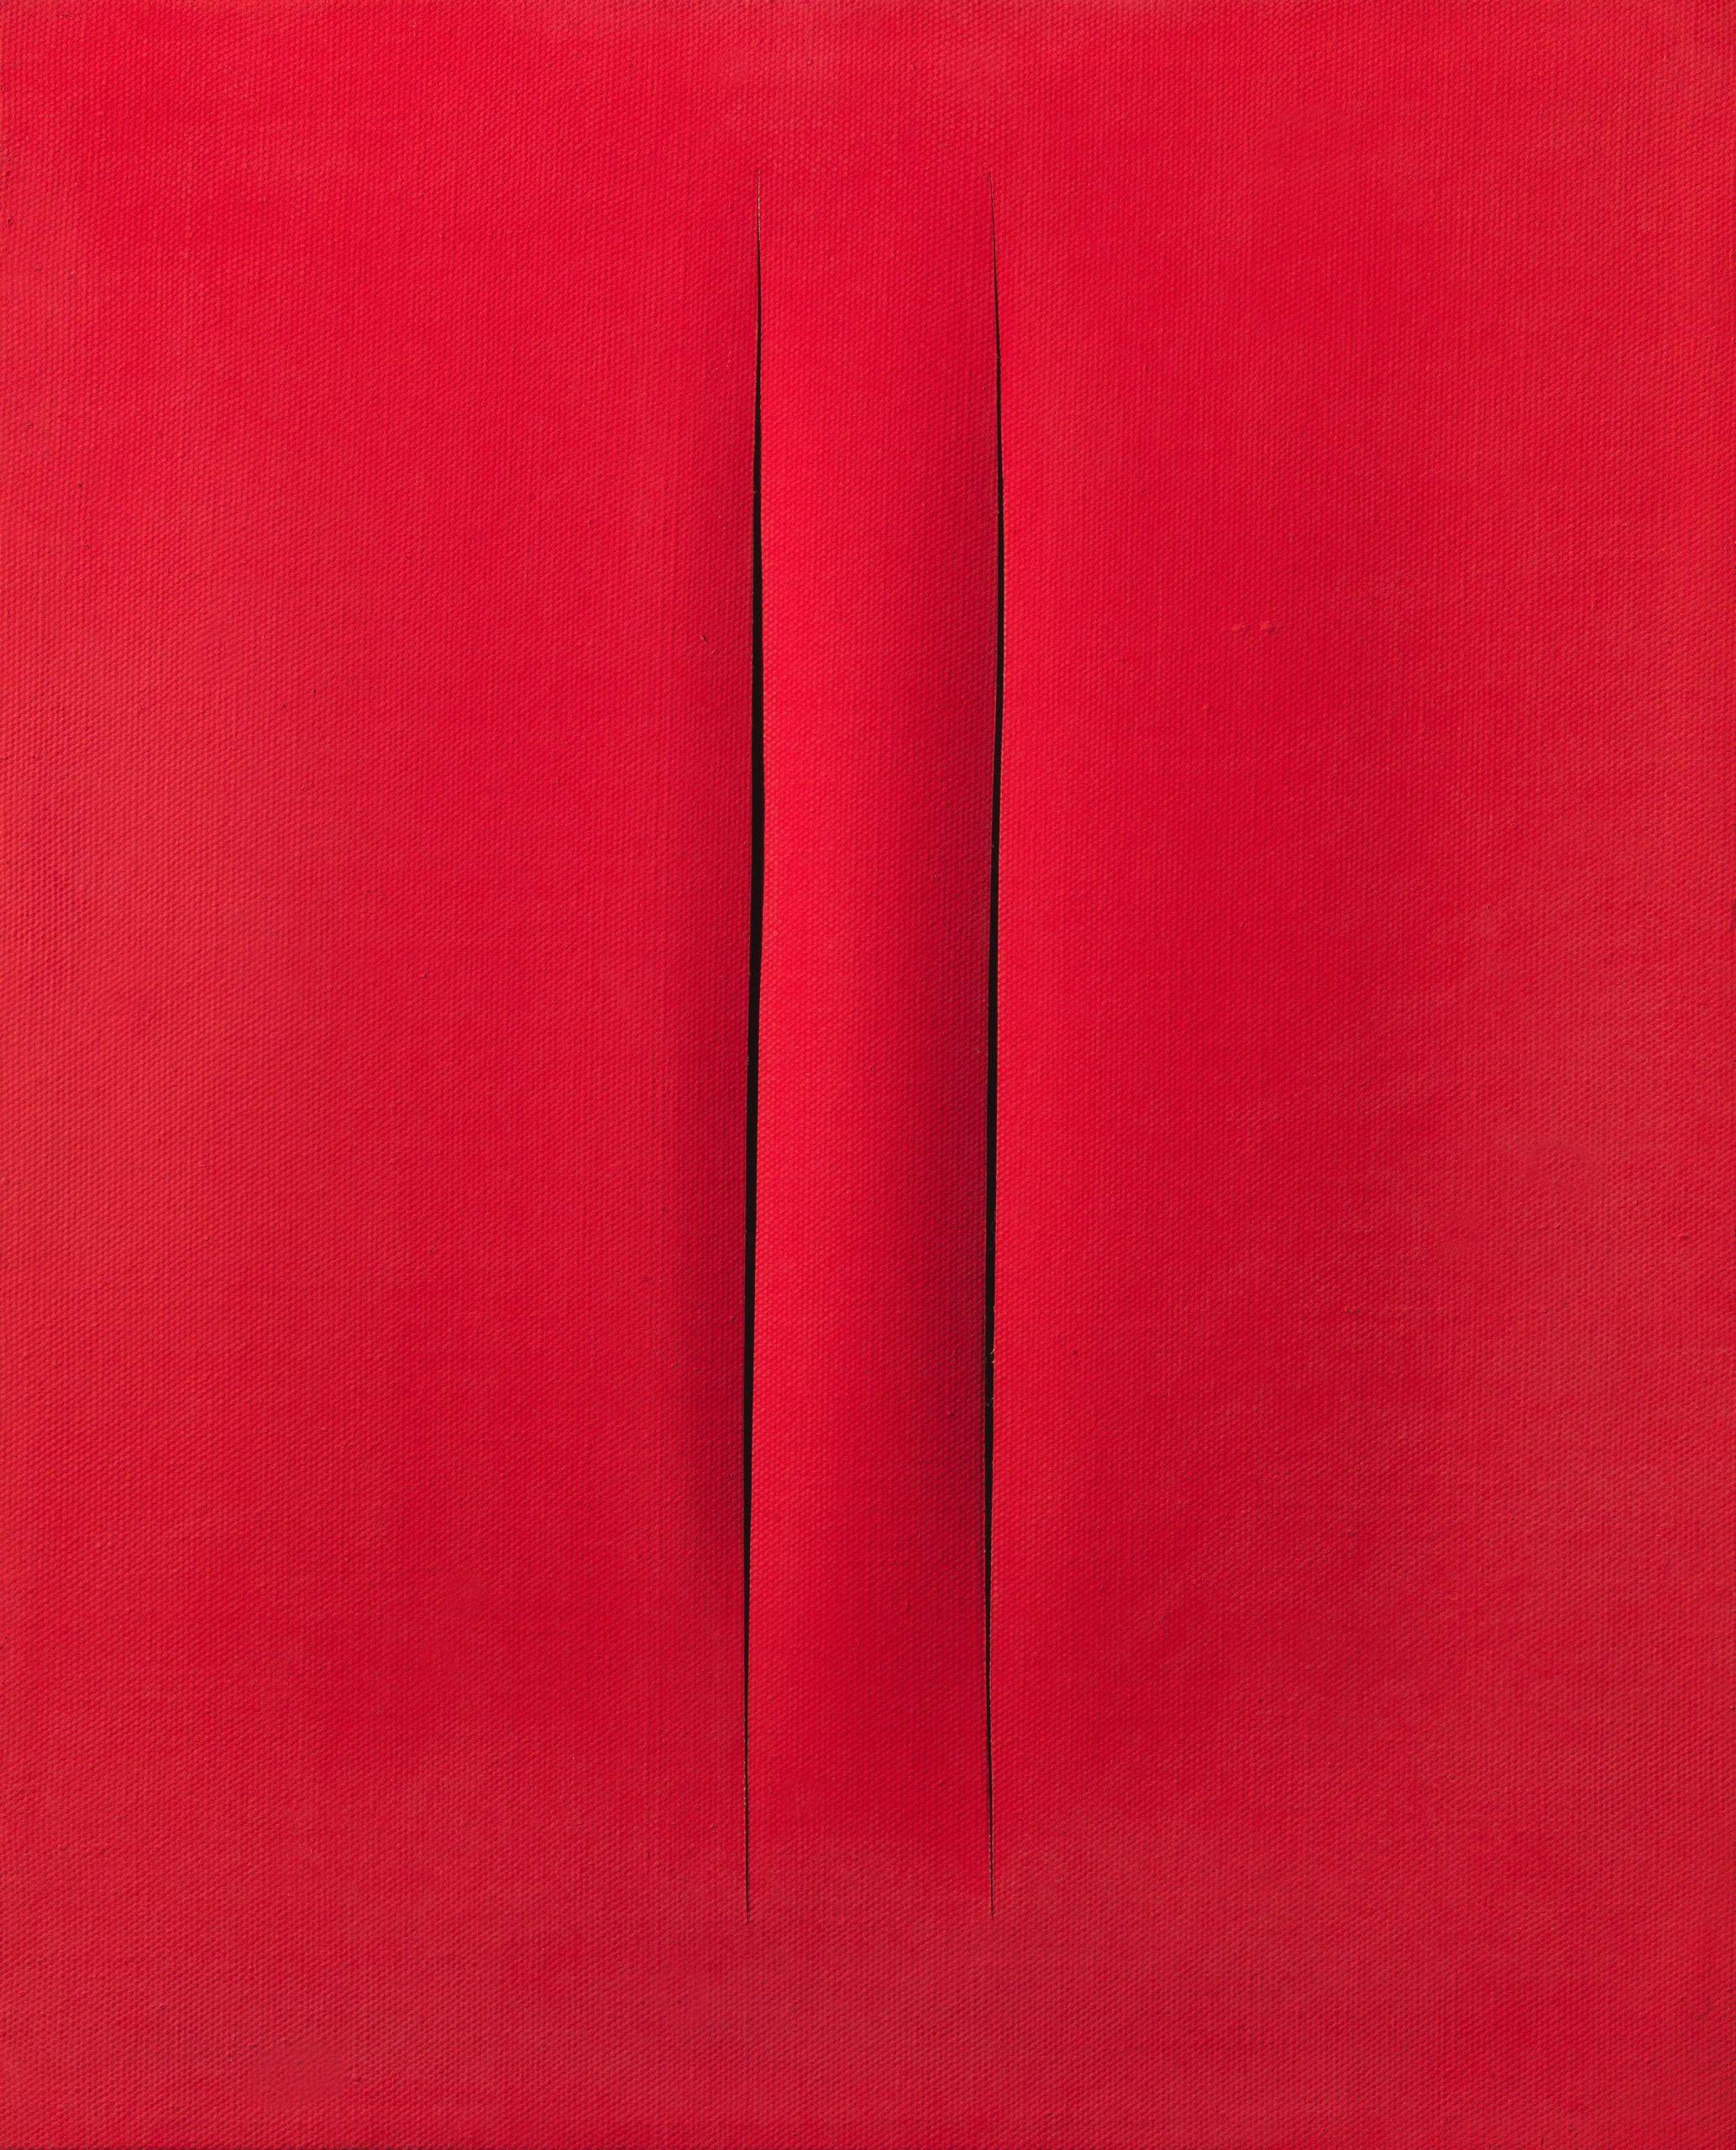 Lucio Fontana, Concetto spaziale, Attese, 1967, hydro peinture sur toile, 61x50 cm